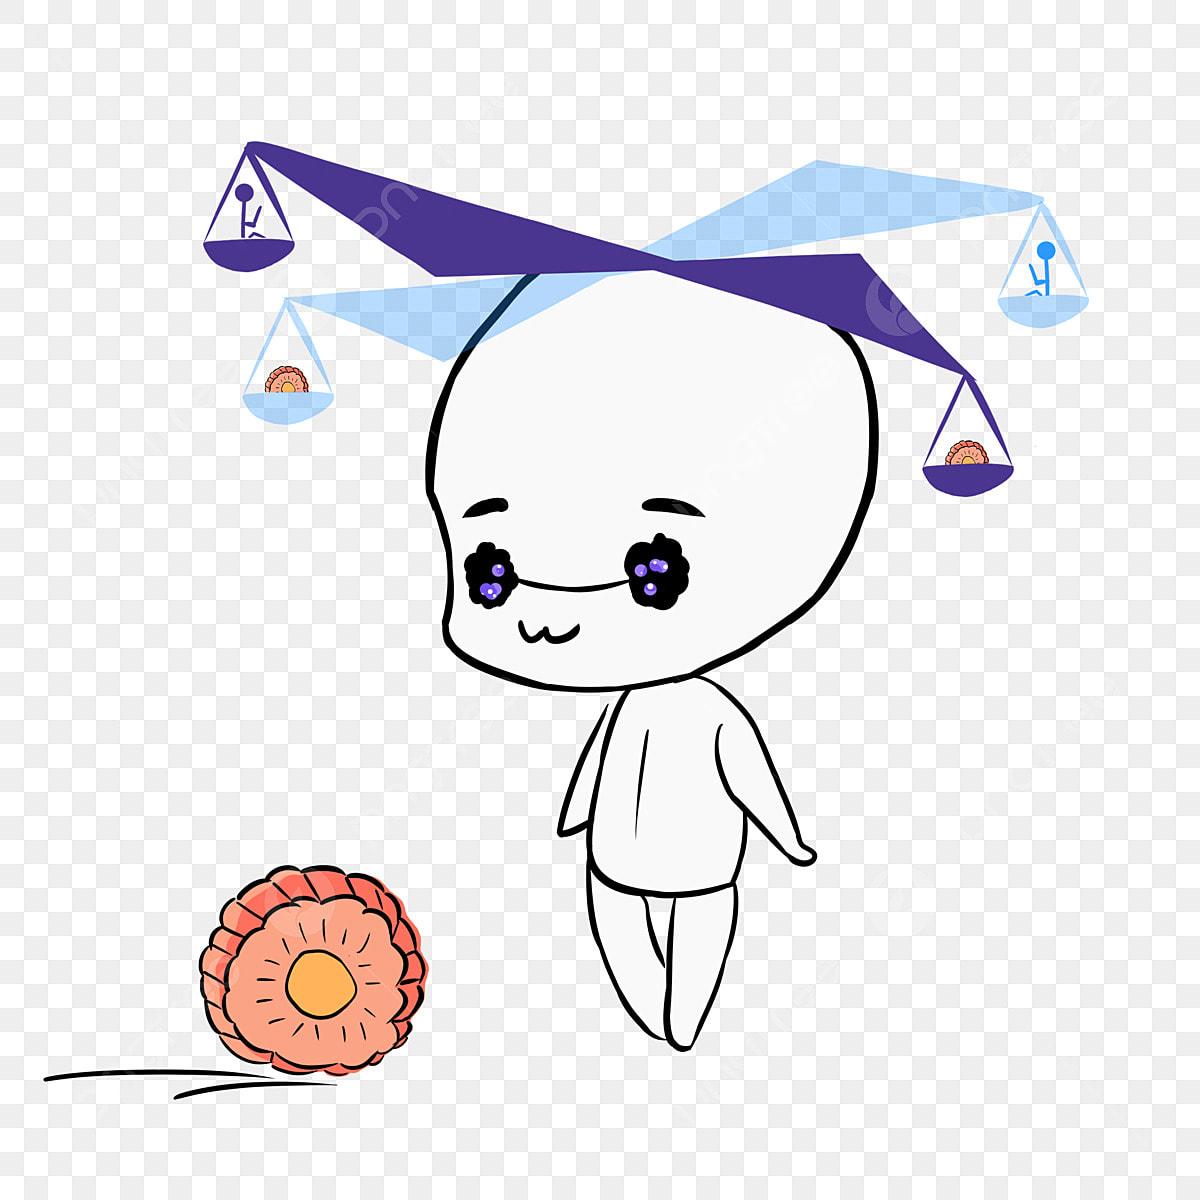 Gambar Kartun Comel Hitam Dan Putih Angka Budak Budak Lelaki Kanak Kanak Hitam Dan Putih Kayu Telanjang Ilustrasi Butang Percuma Png Dan Psd Untuk Muat Turun Percuma